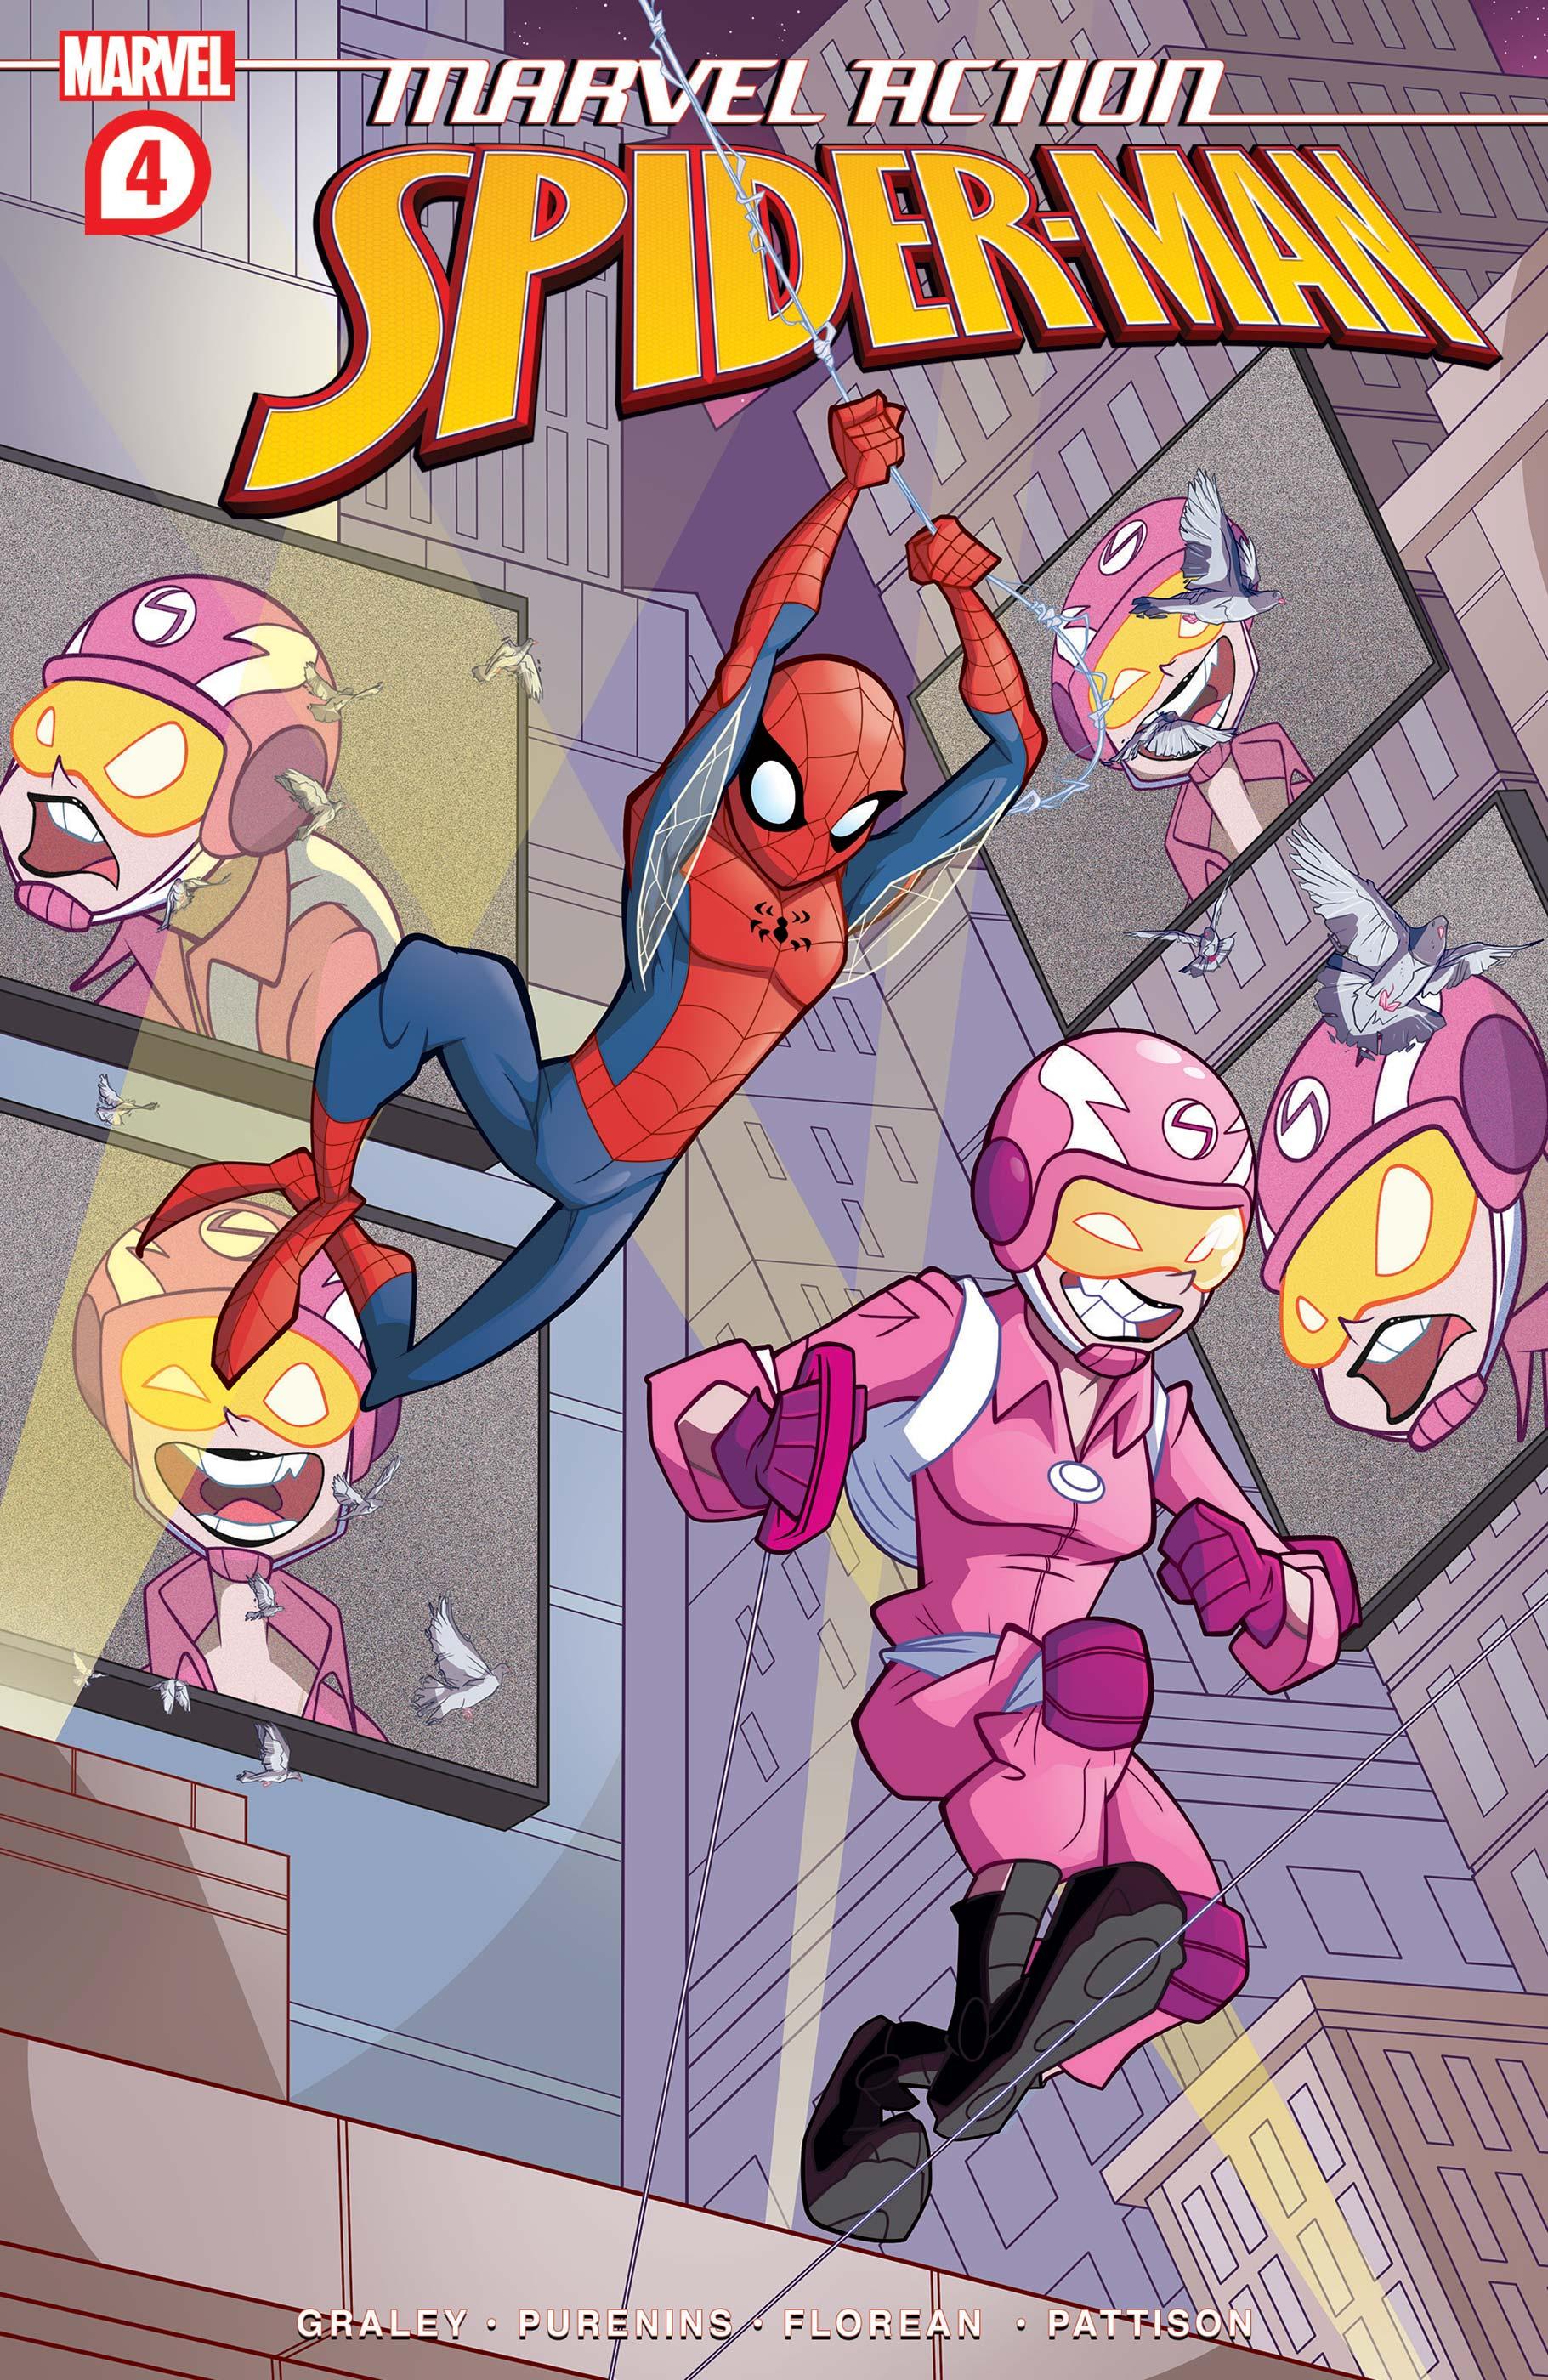 Marvel Action Spider-Man (2021) #4